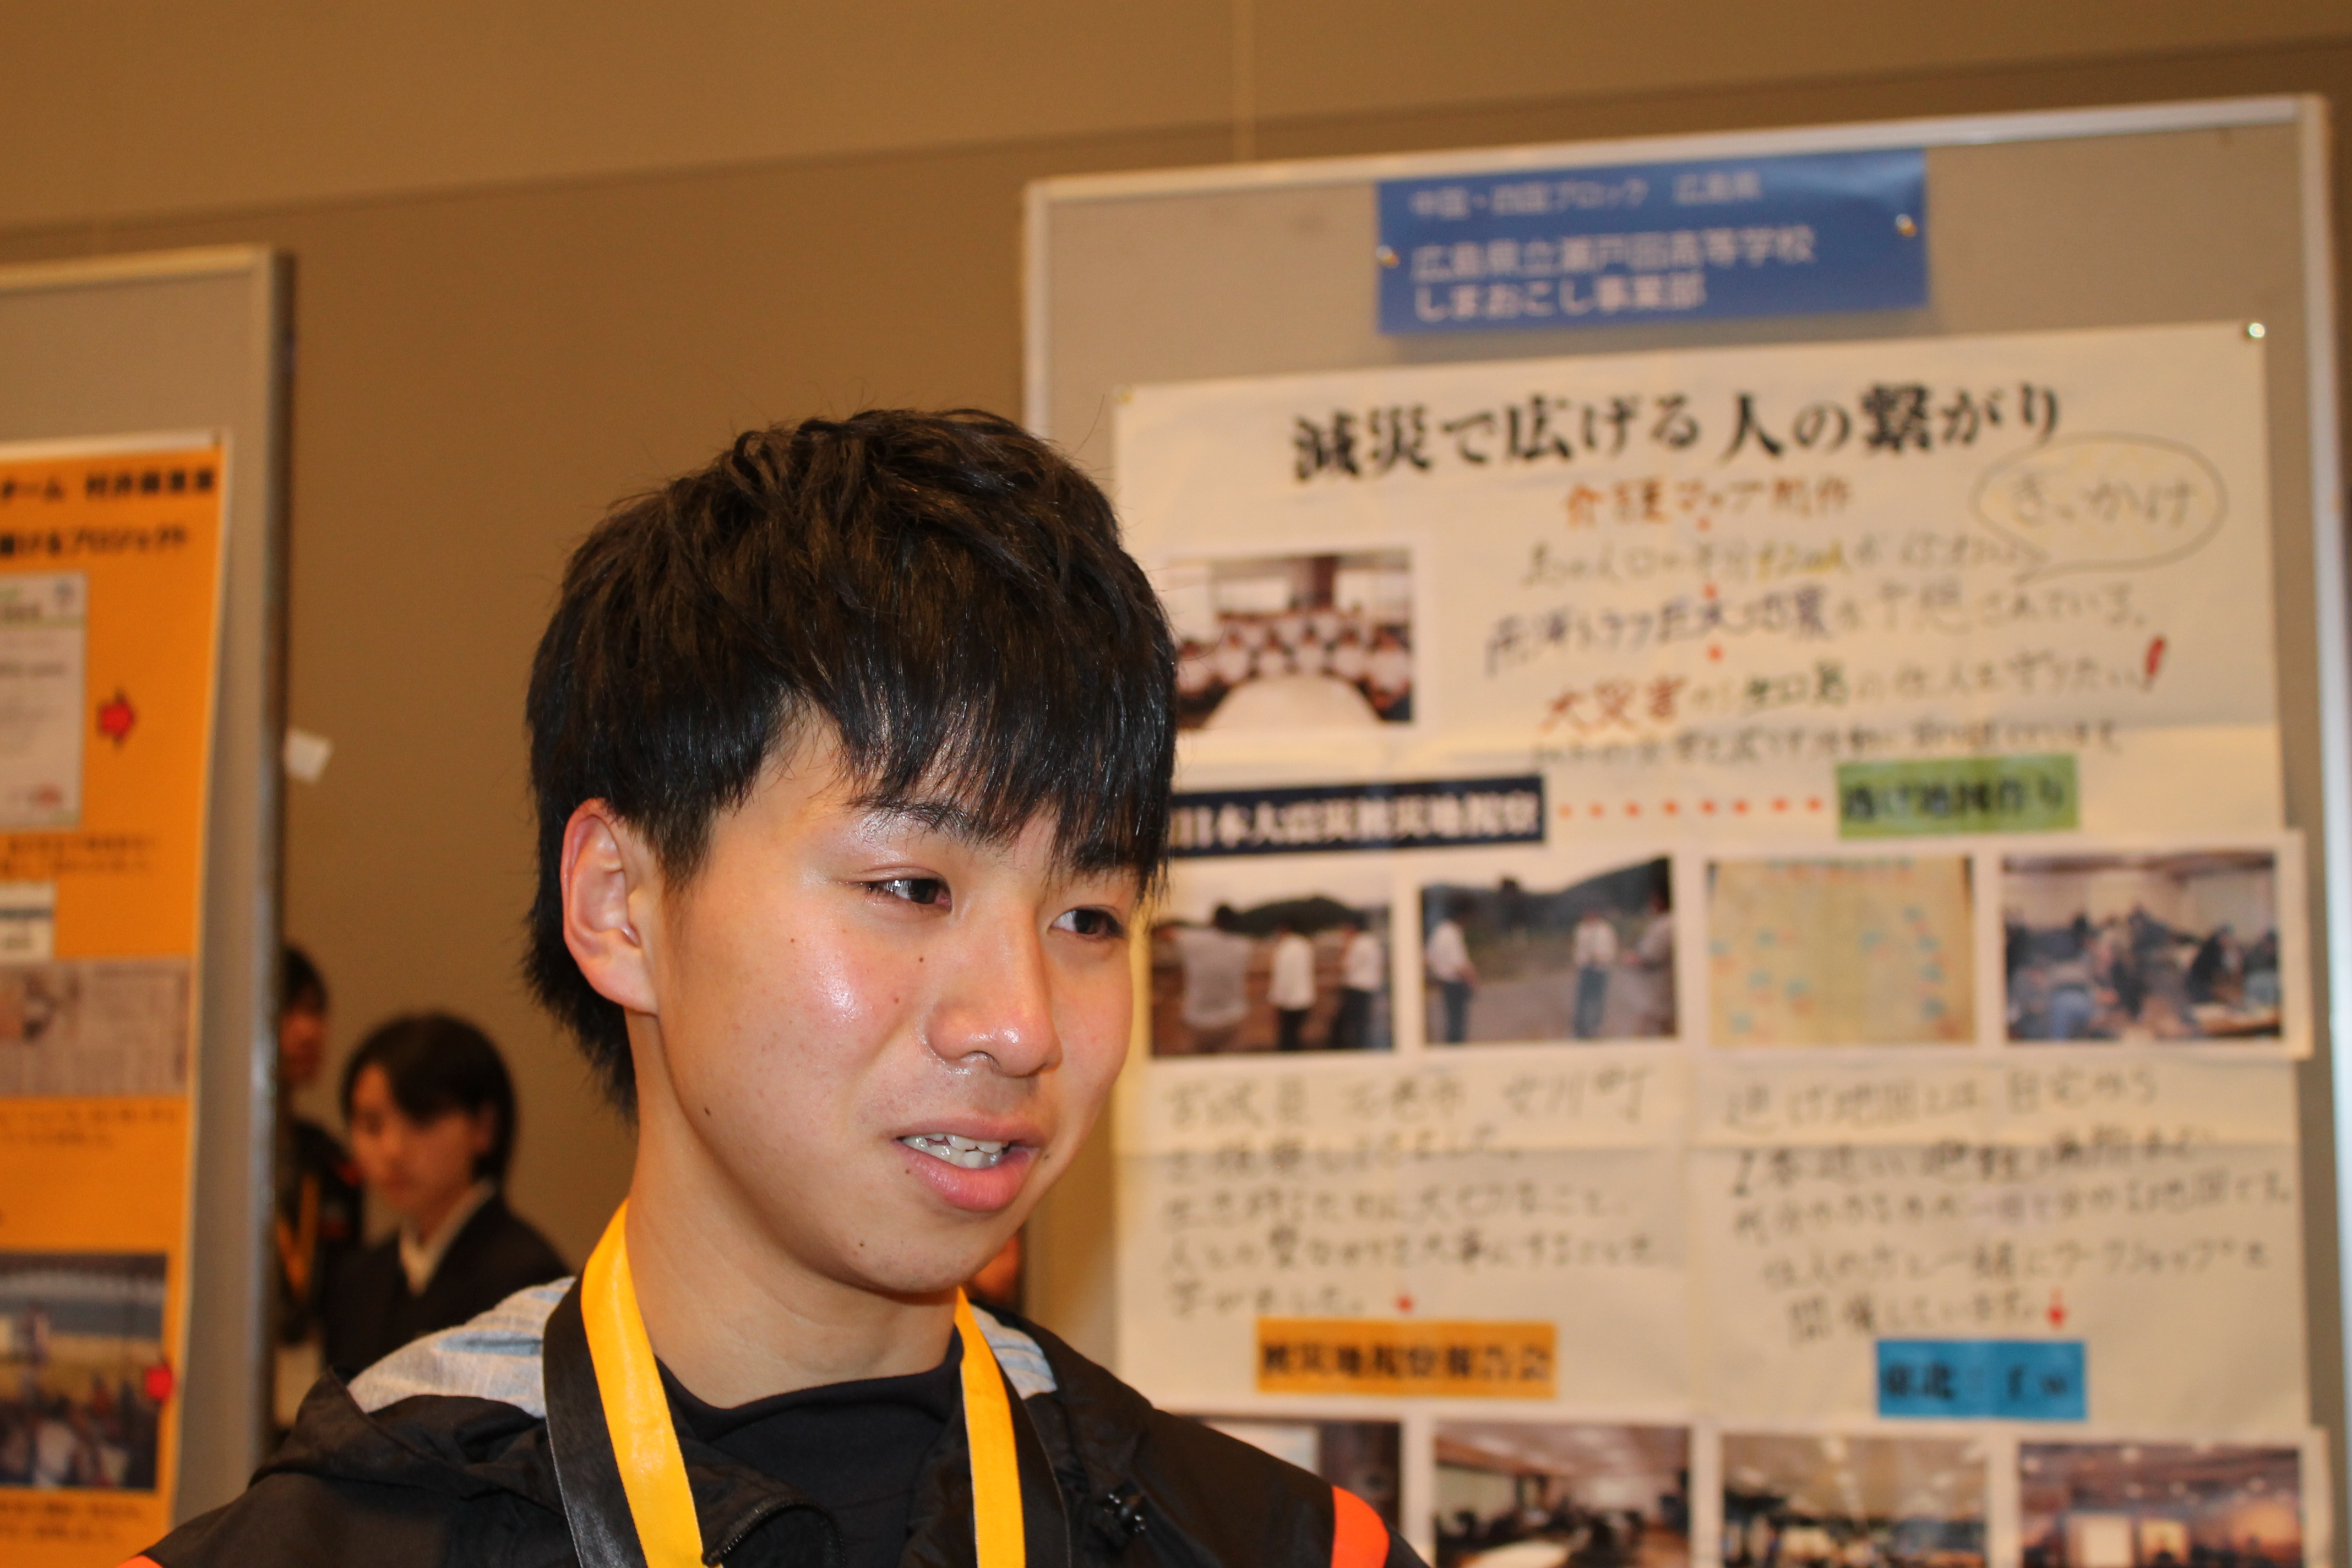 地域の人々や先生への感謝を口にする矢野佑太さん